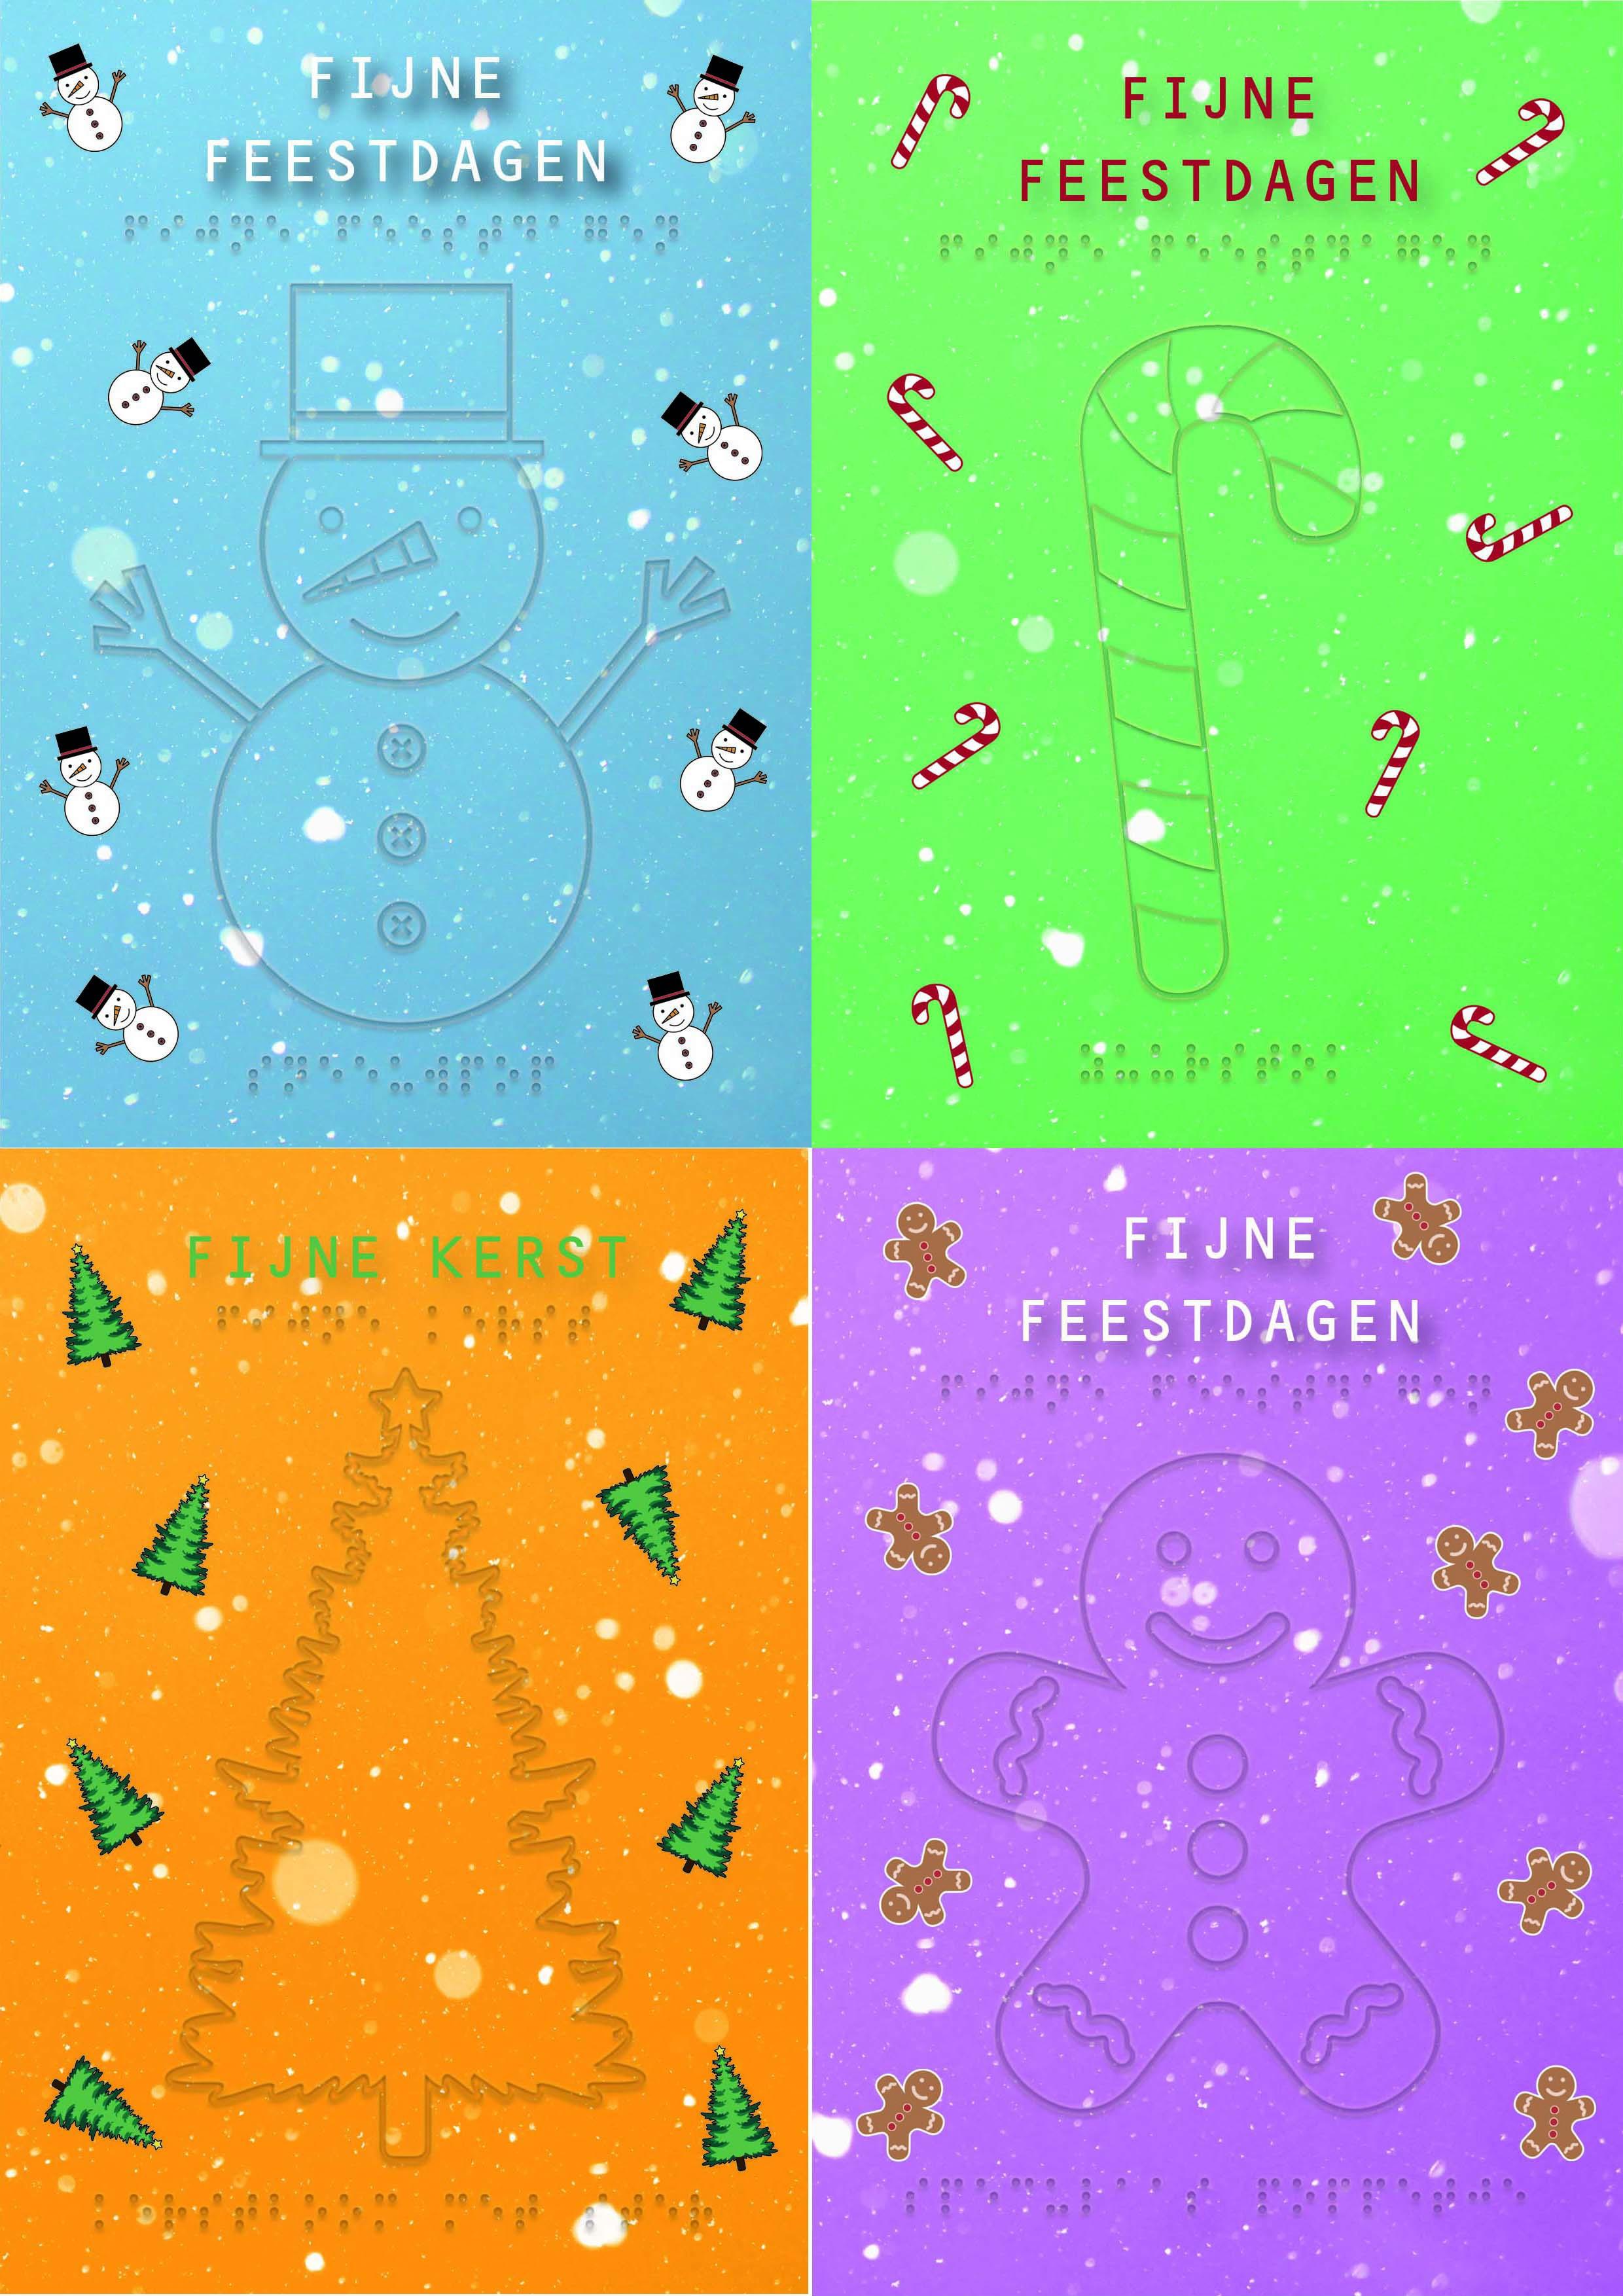 Vier voelbare kerstkaarten met braille en reliëf voor een speciale setprijs. De set bevat kaarten met een sneeuwpop, met een candycane, met een kerstboom en met een gingerbread man. In braille de tekst: Fijne feestdagen of fijne kerst.